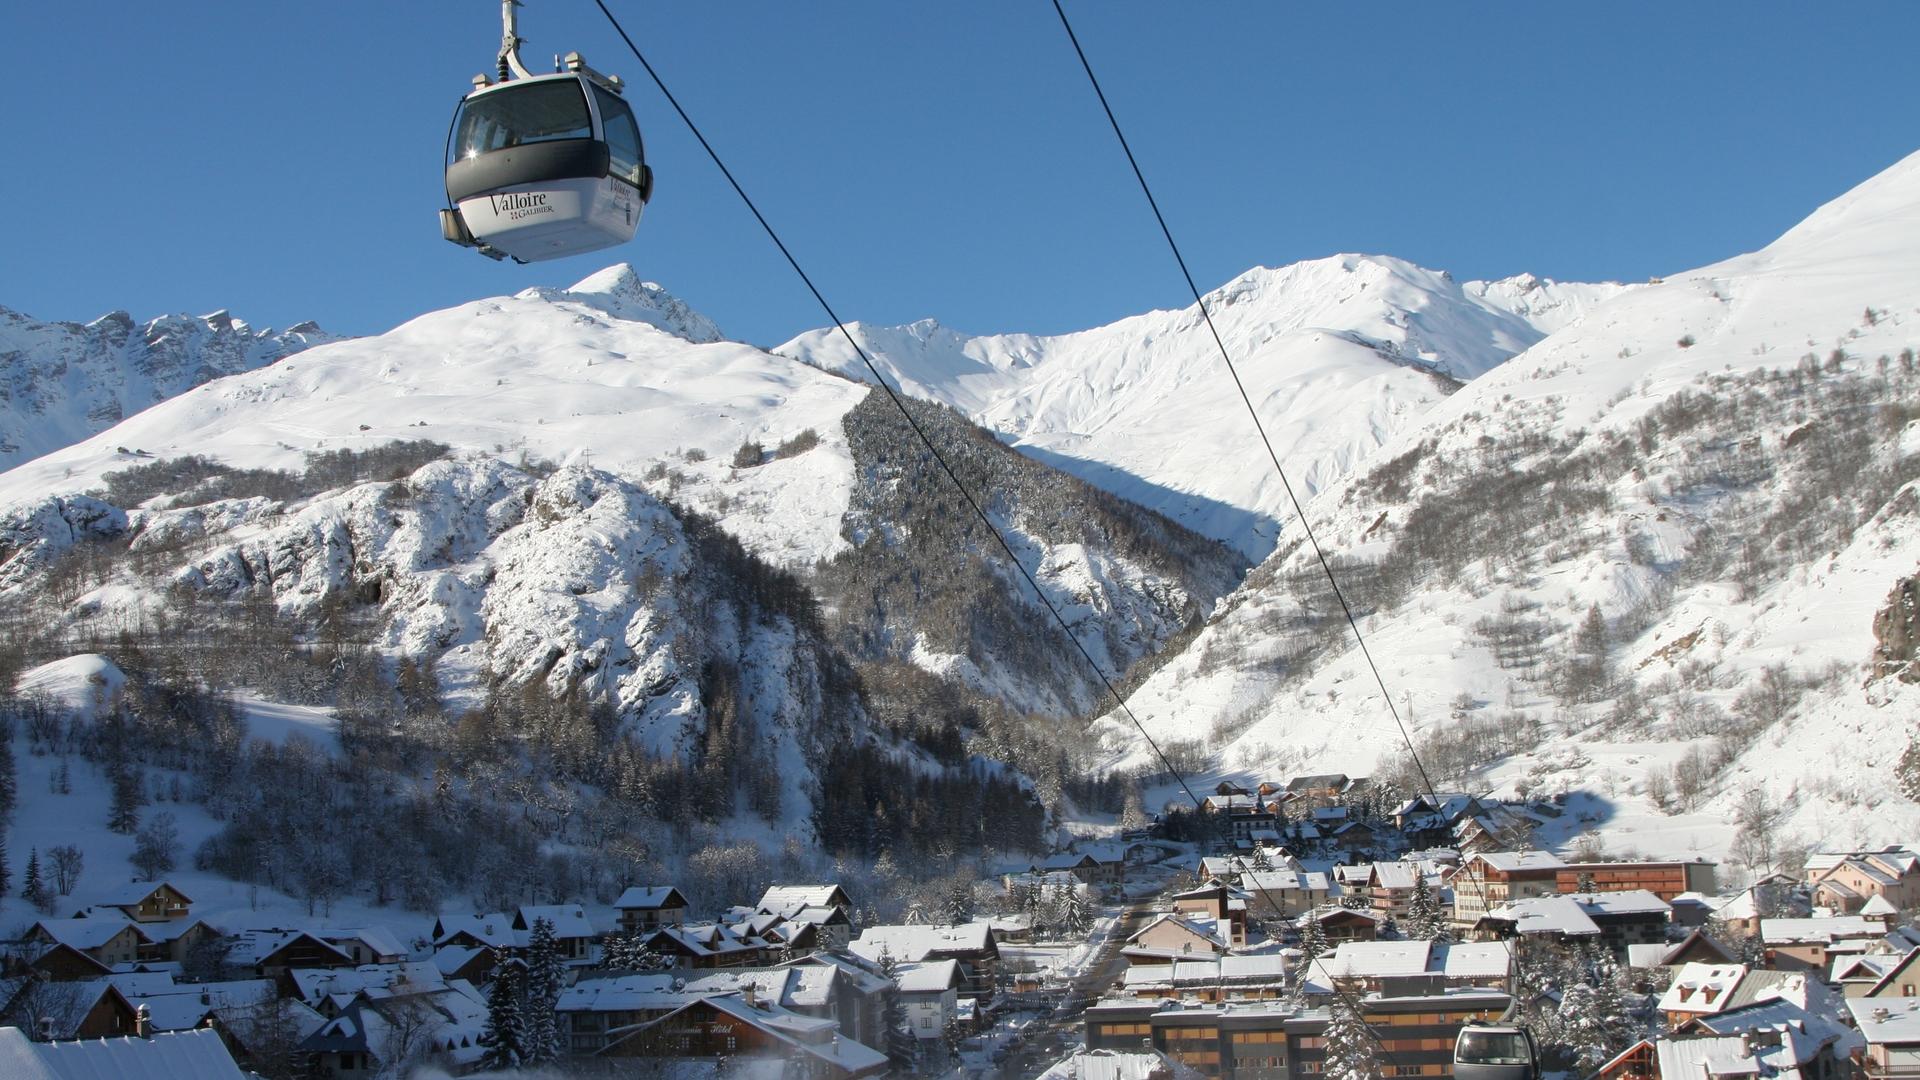 Valloire - Le Village en hiver